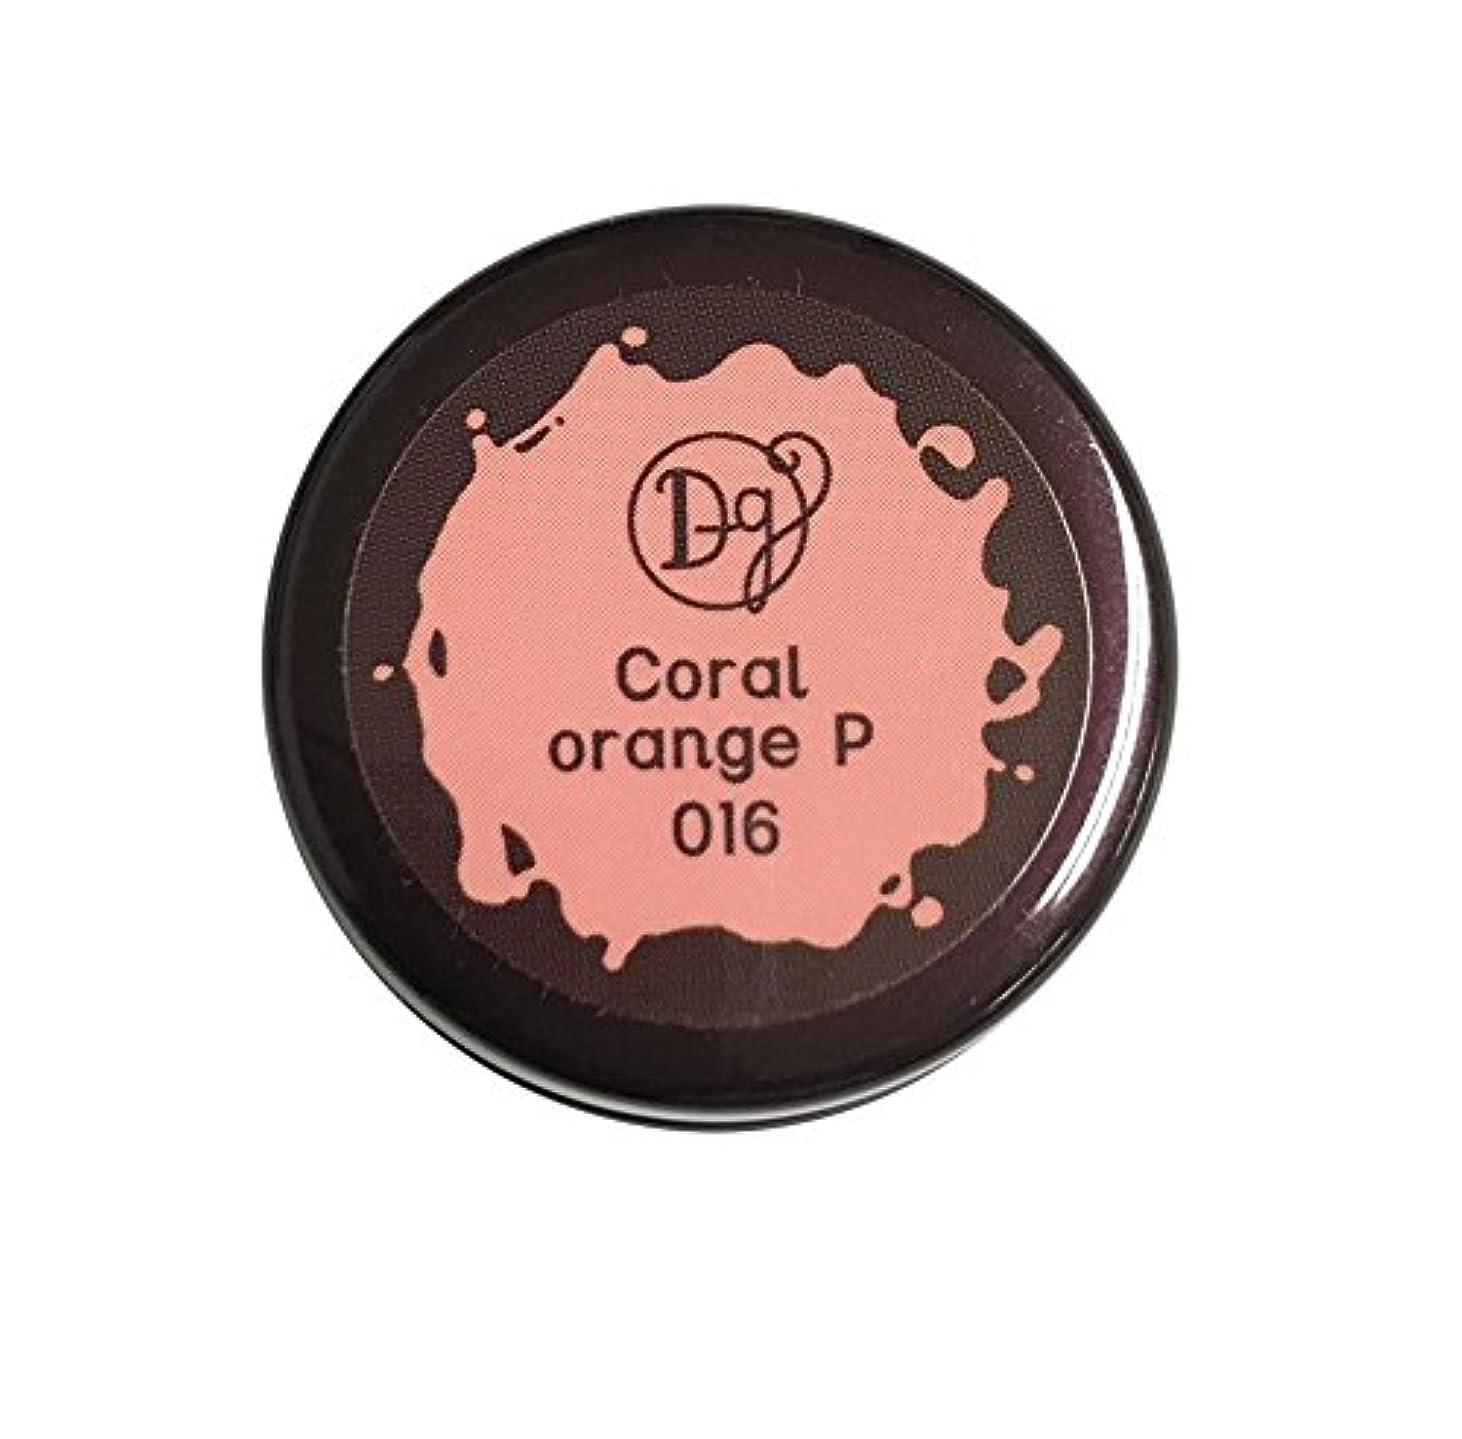 デコラガール カラージェル 016 コーラルオレンジペール 3g